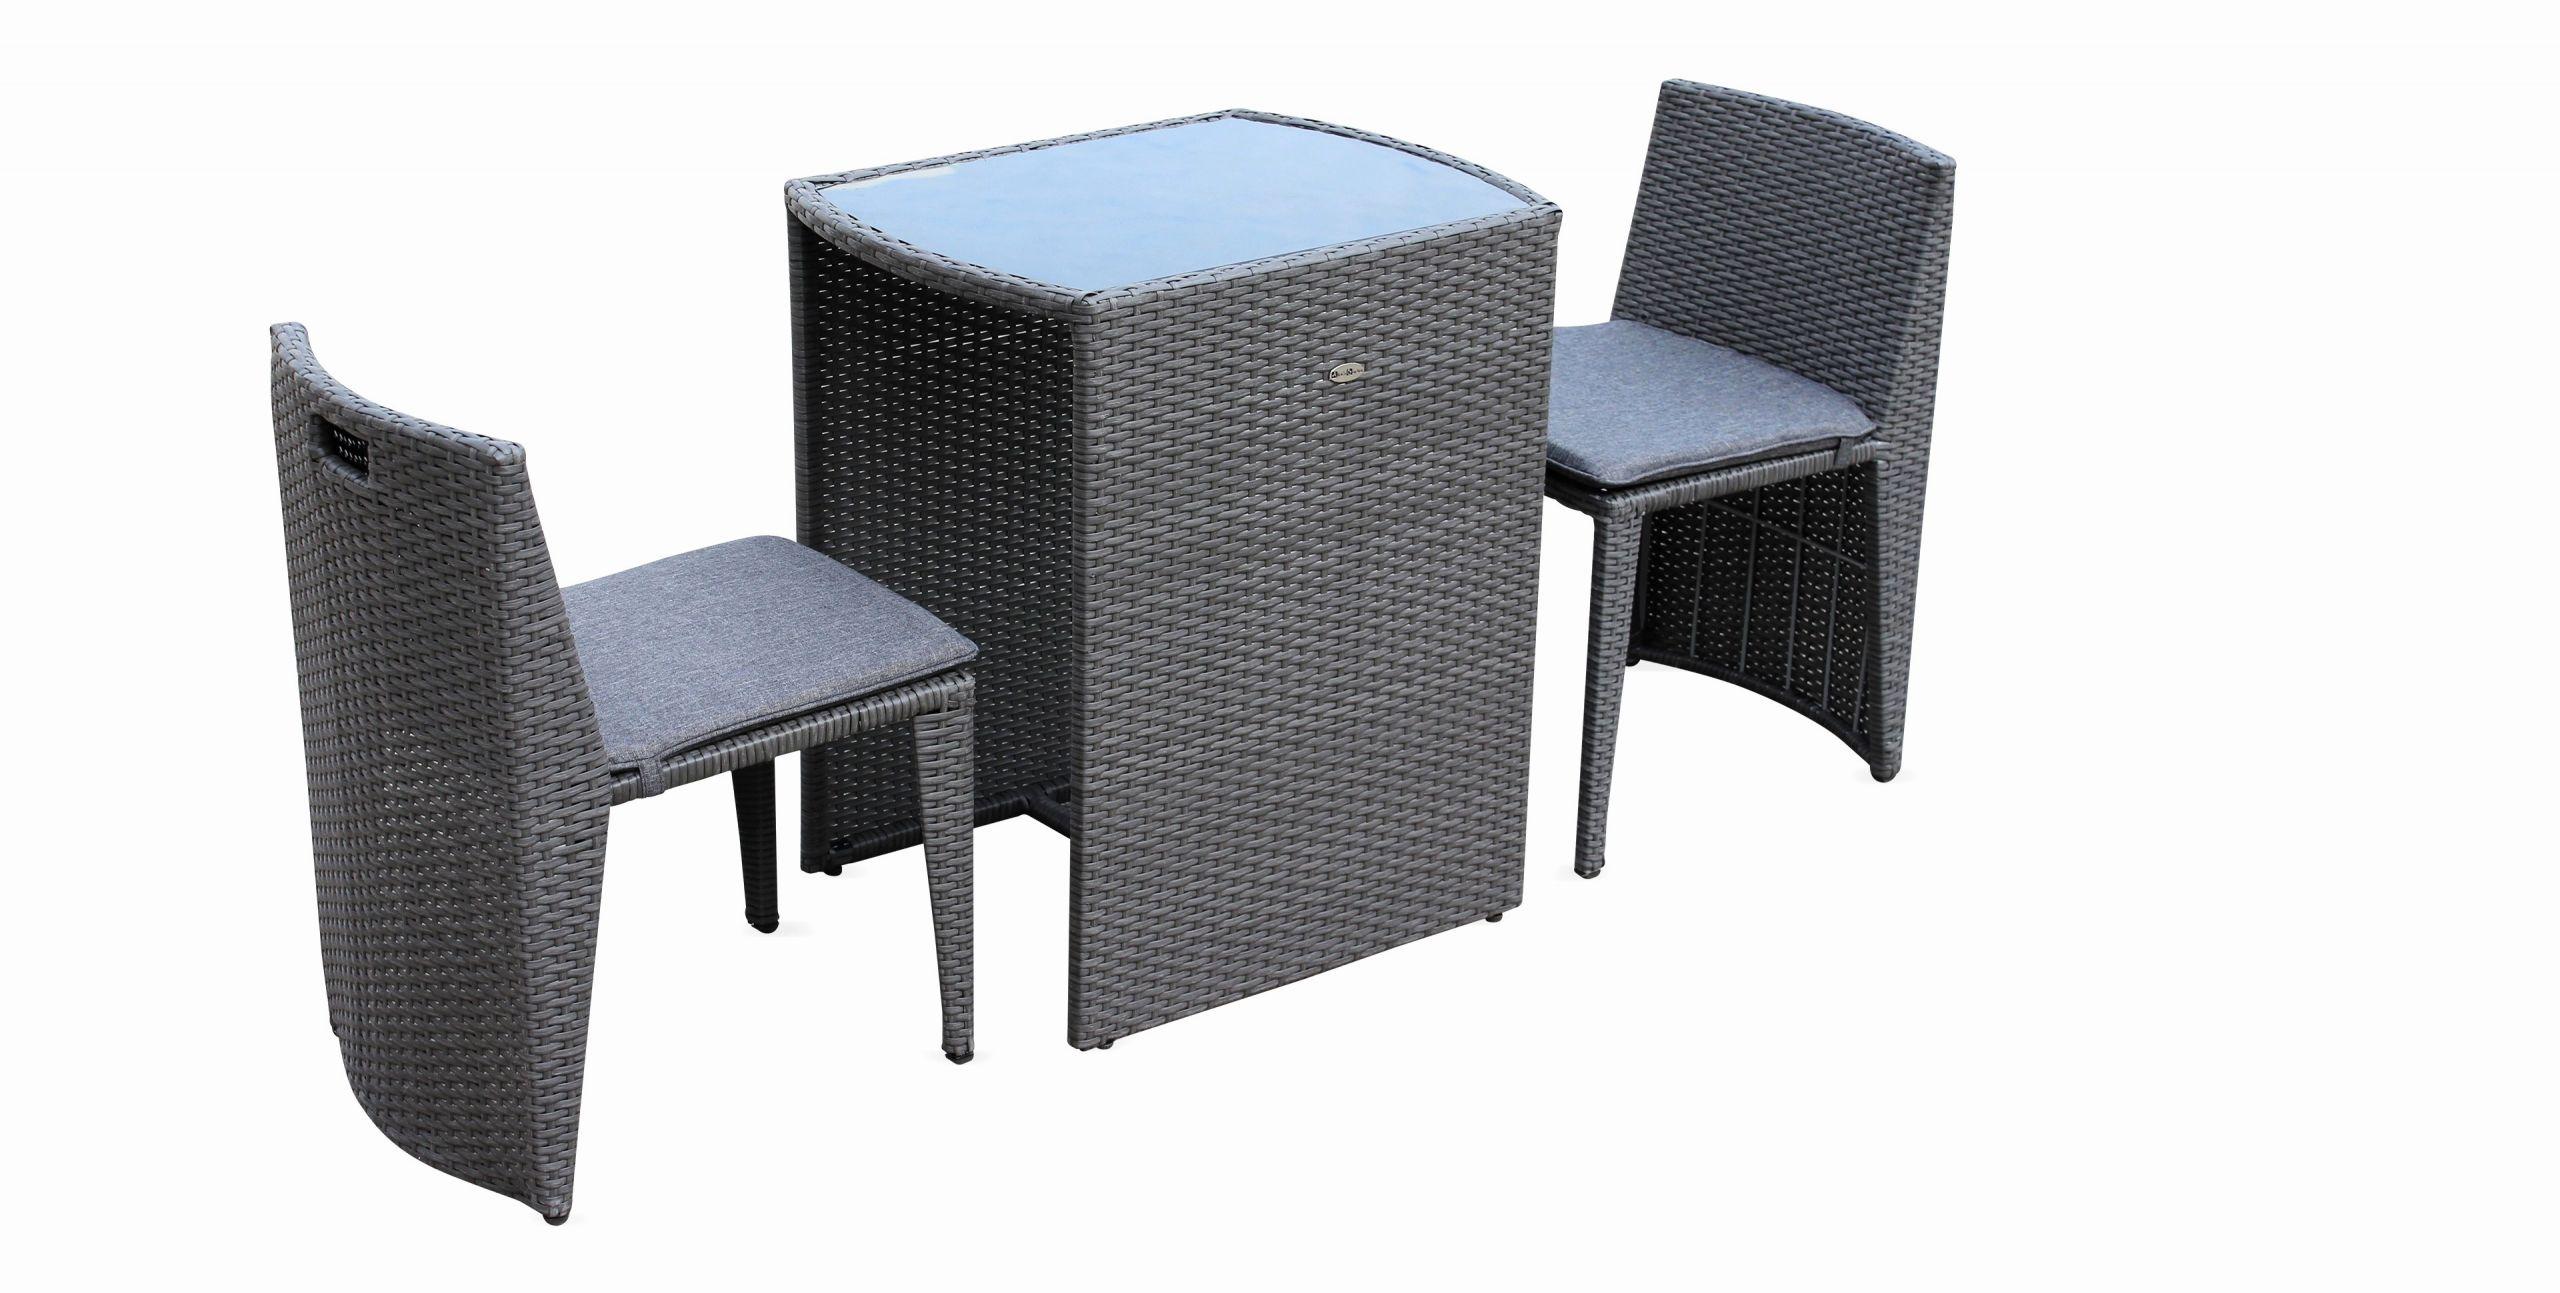 la redoute salon de jardin fauteuil resine tressee luxe petit fauteuil rotin tresse bangor la of la redoute salon de jardin